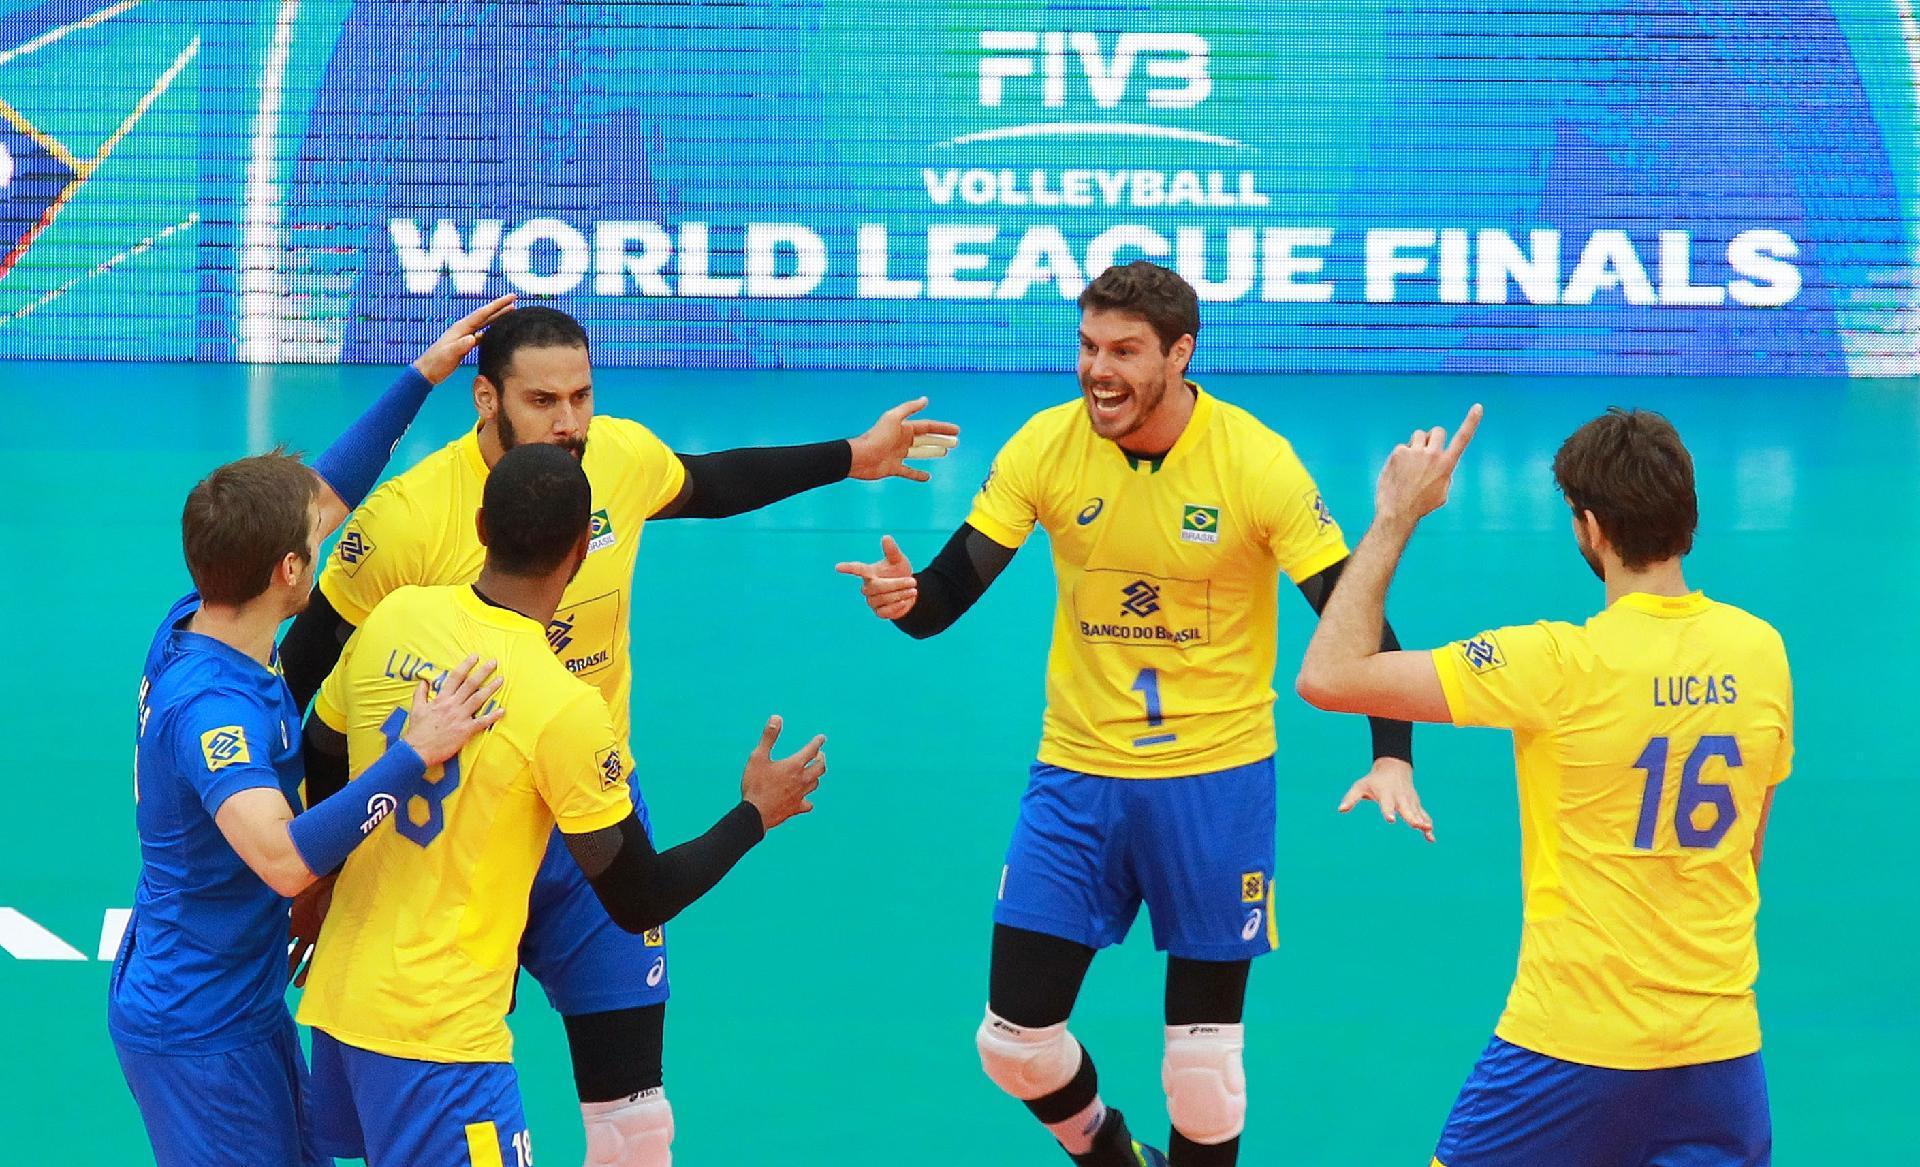 Brasil volta a encontrar jogo de vôlei em horário de balada na Liga Mundial  - 08 07 2017 - UOL Esporte abd54a2449b5b